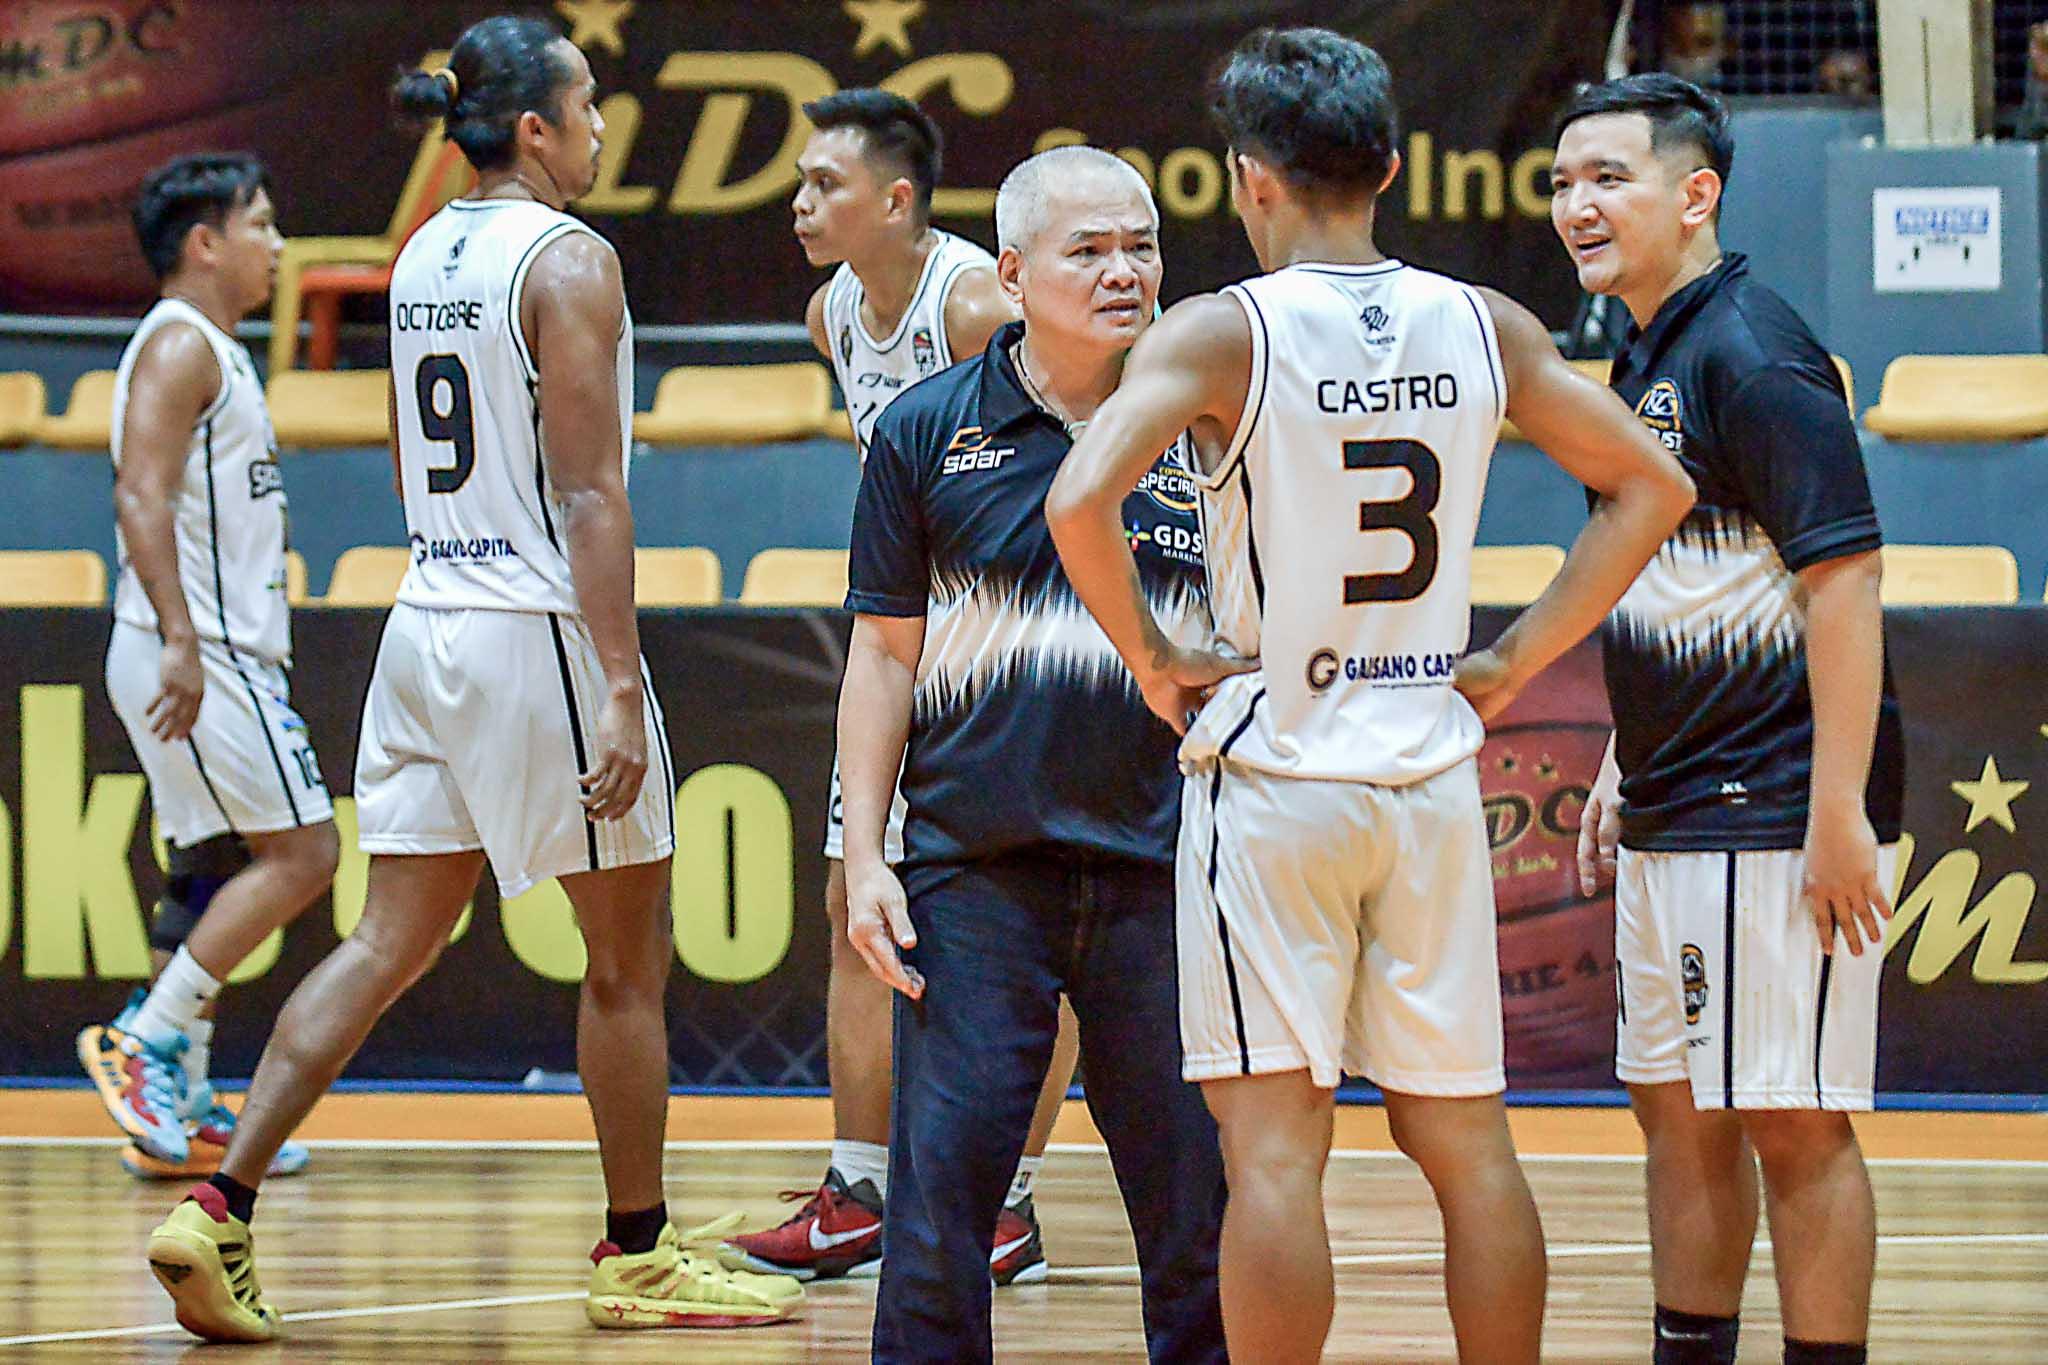 2021-Chooks-VisMin-Southern-Finals-G2-Mandaue-vs-Basilan-Mike-Reyes Octobre to go for broke as KCS looks to do the improbable in VisMin Basketball News VisMin Super Cup  - philippine sports news